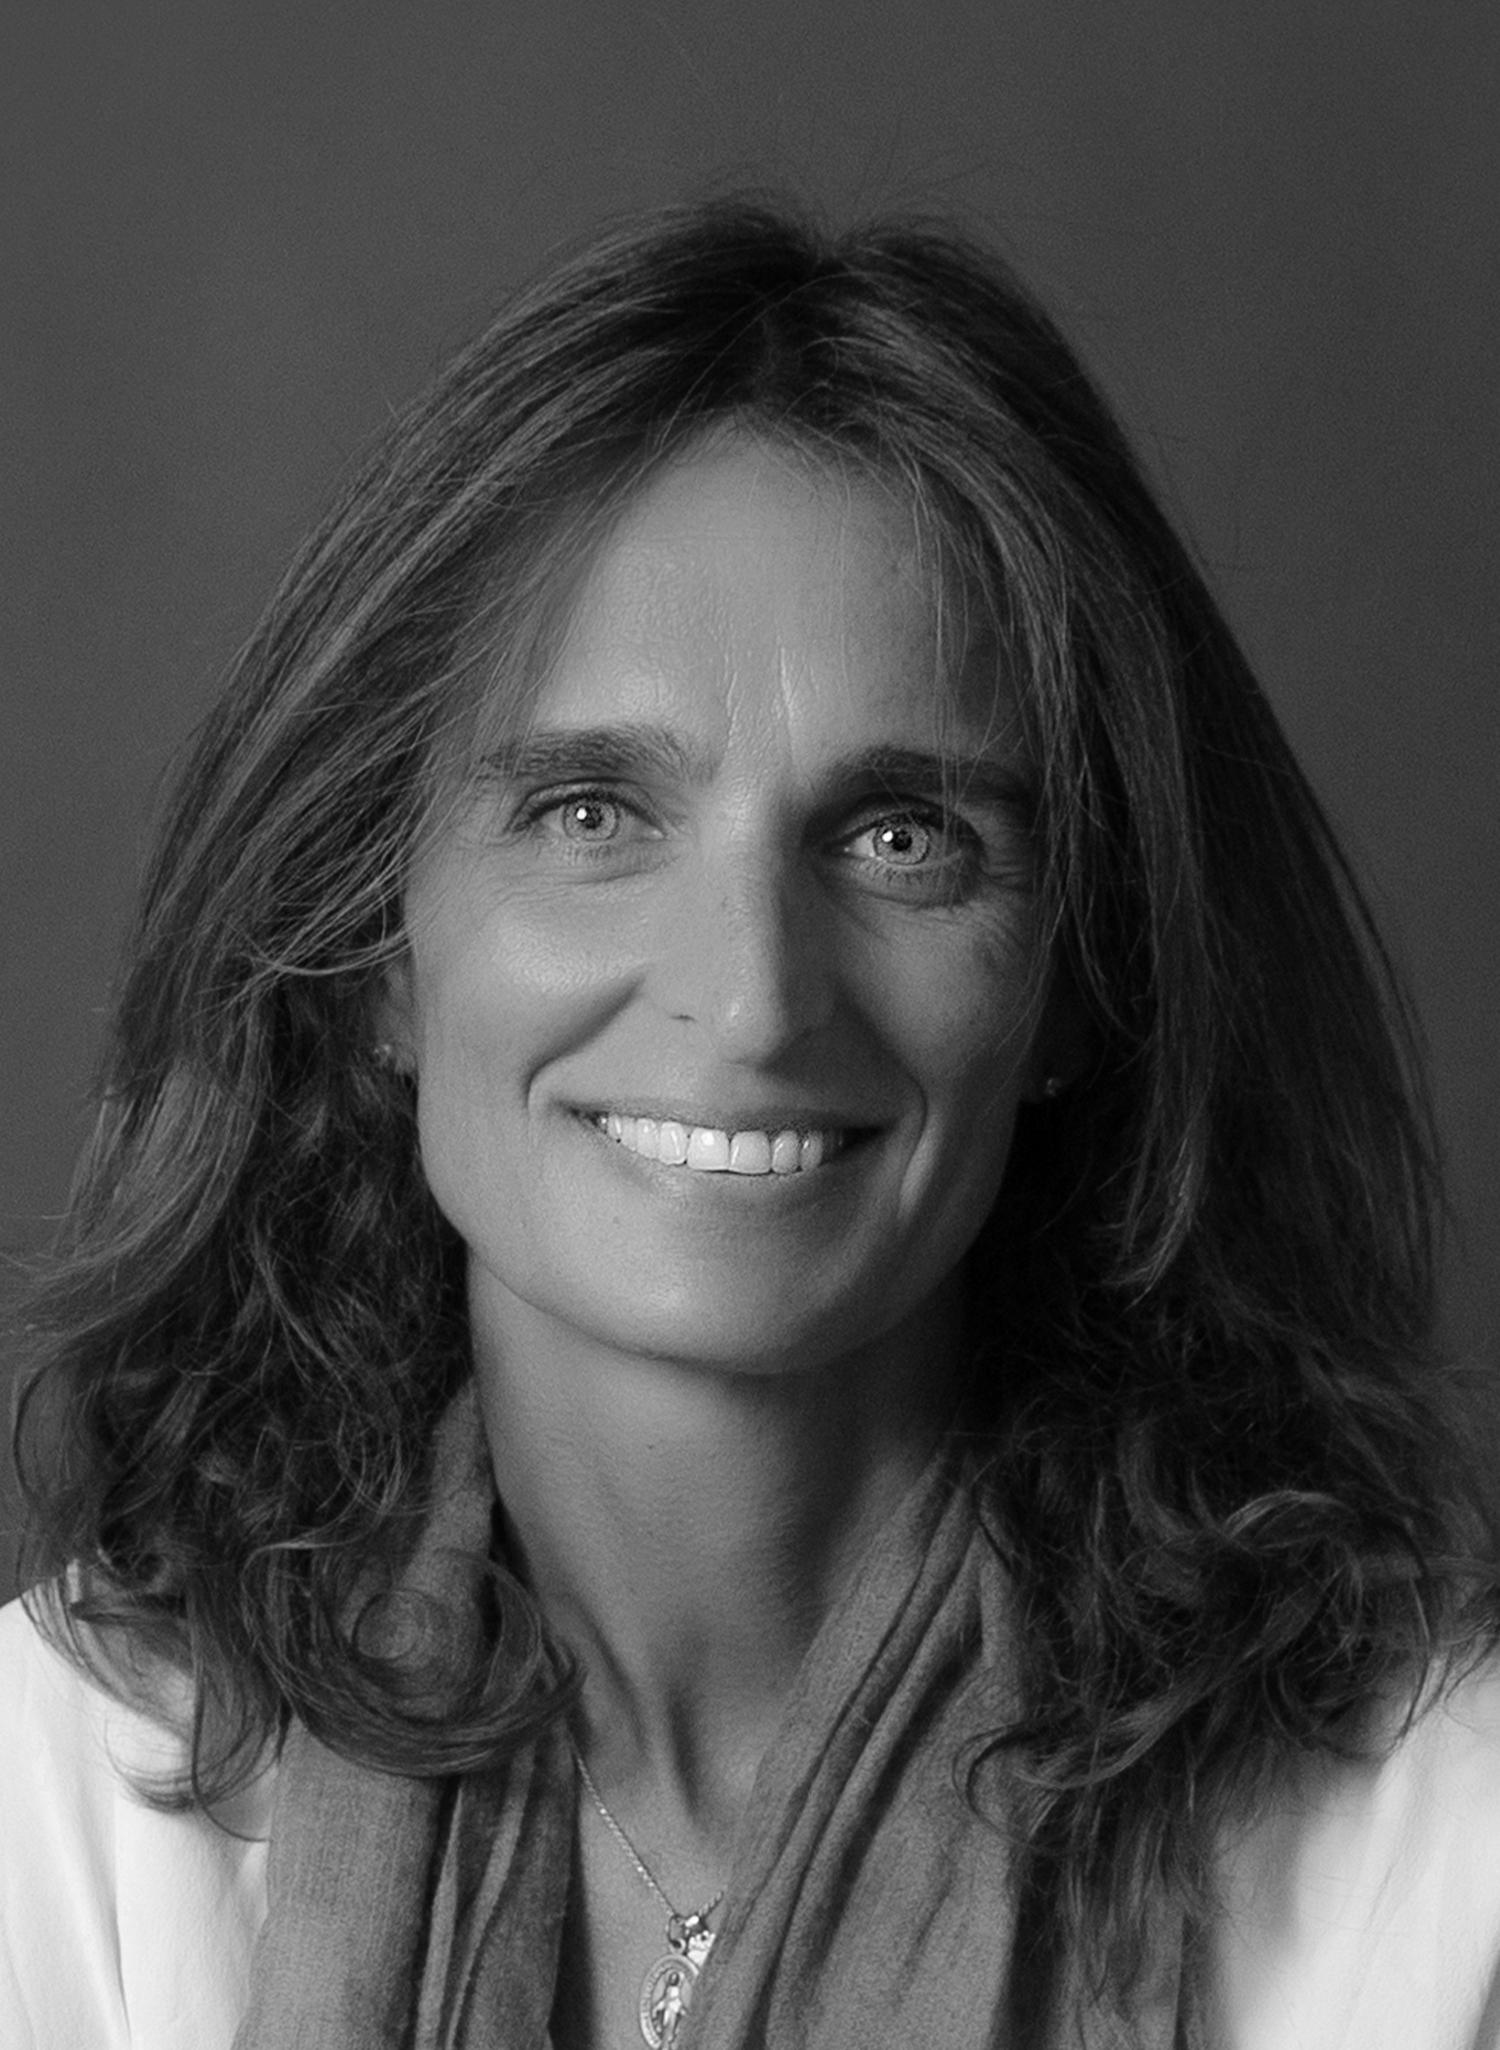 Maria Cernadas